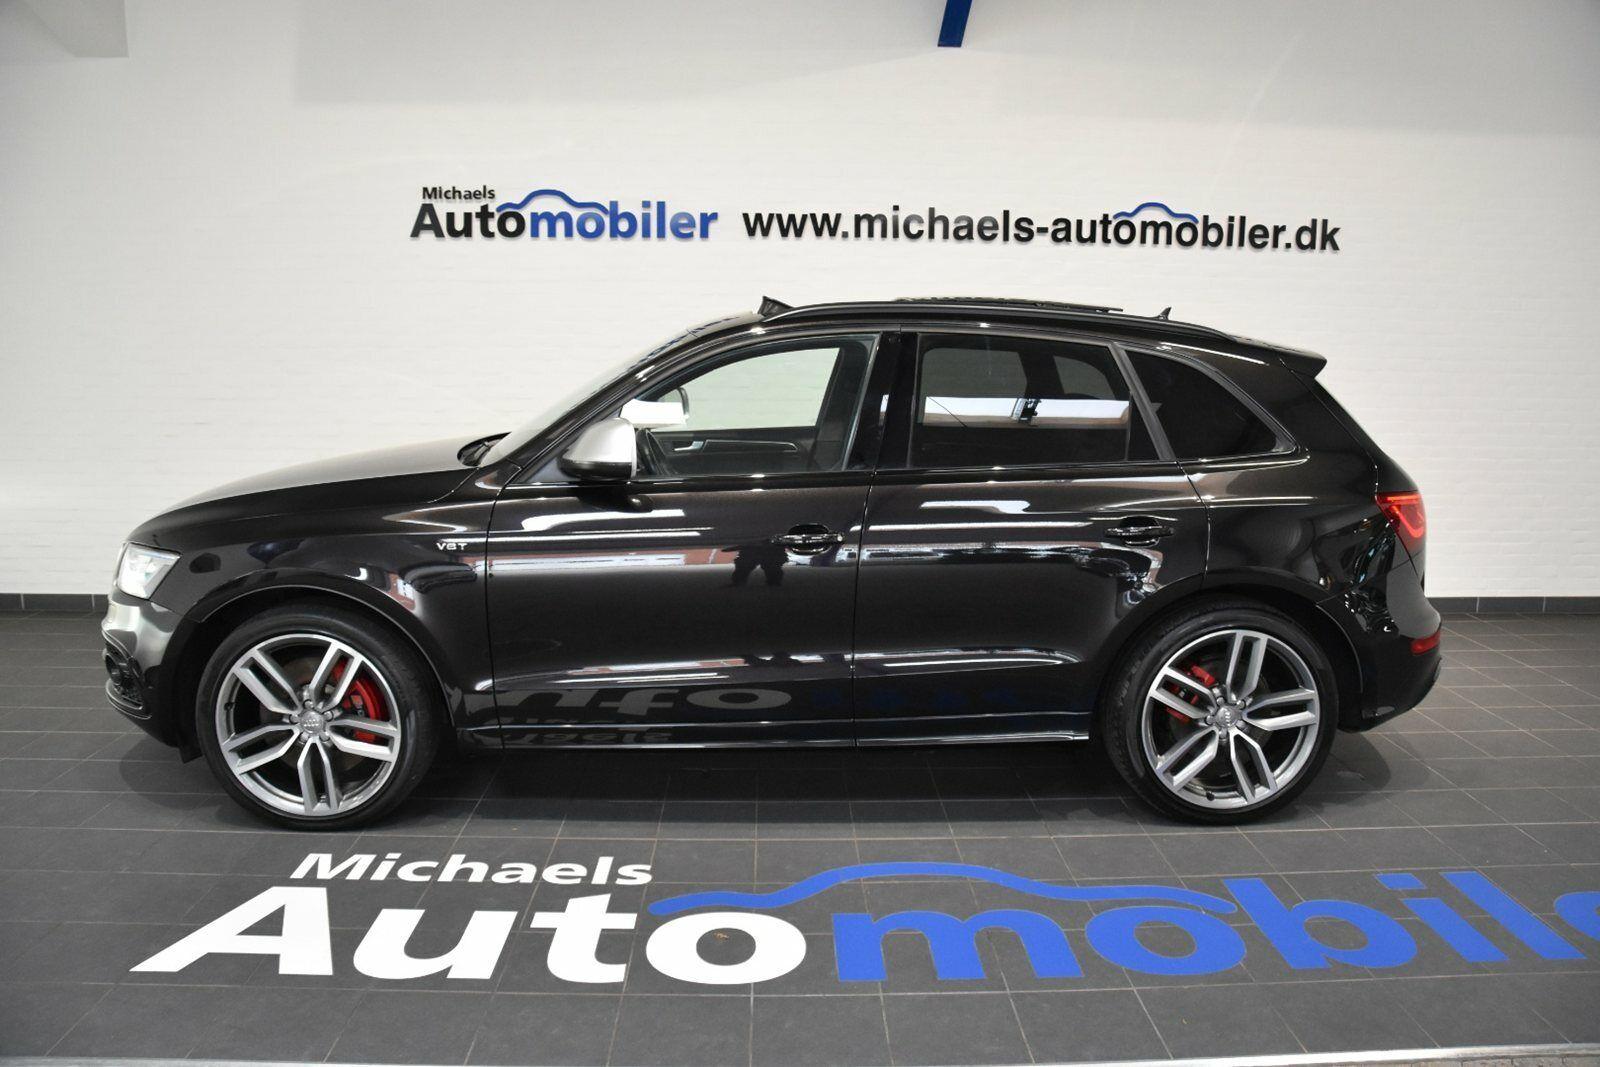 Audi SQ5 3,0 TDi 313 quattro Tiptr. 5d - 749.900 kr.